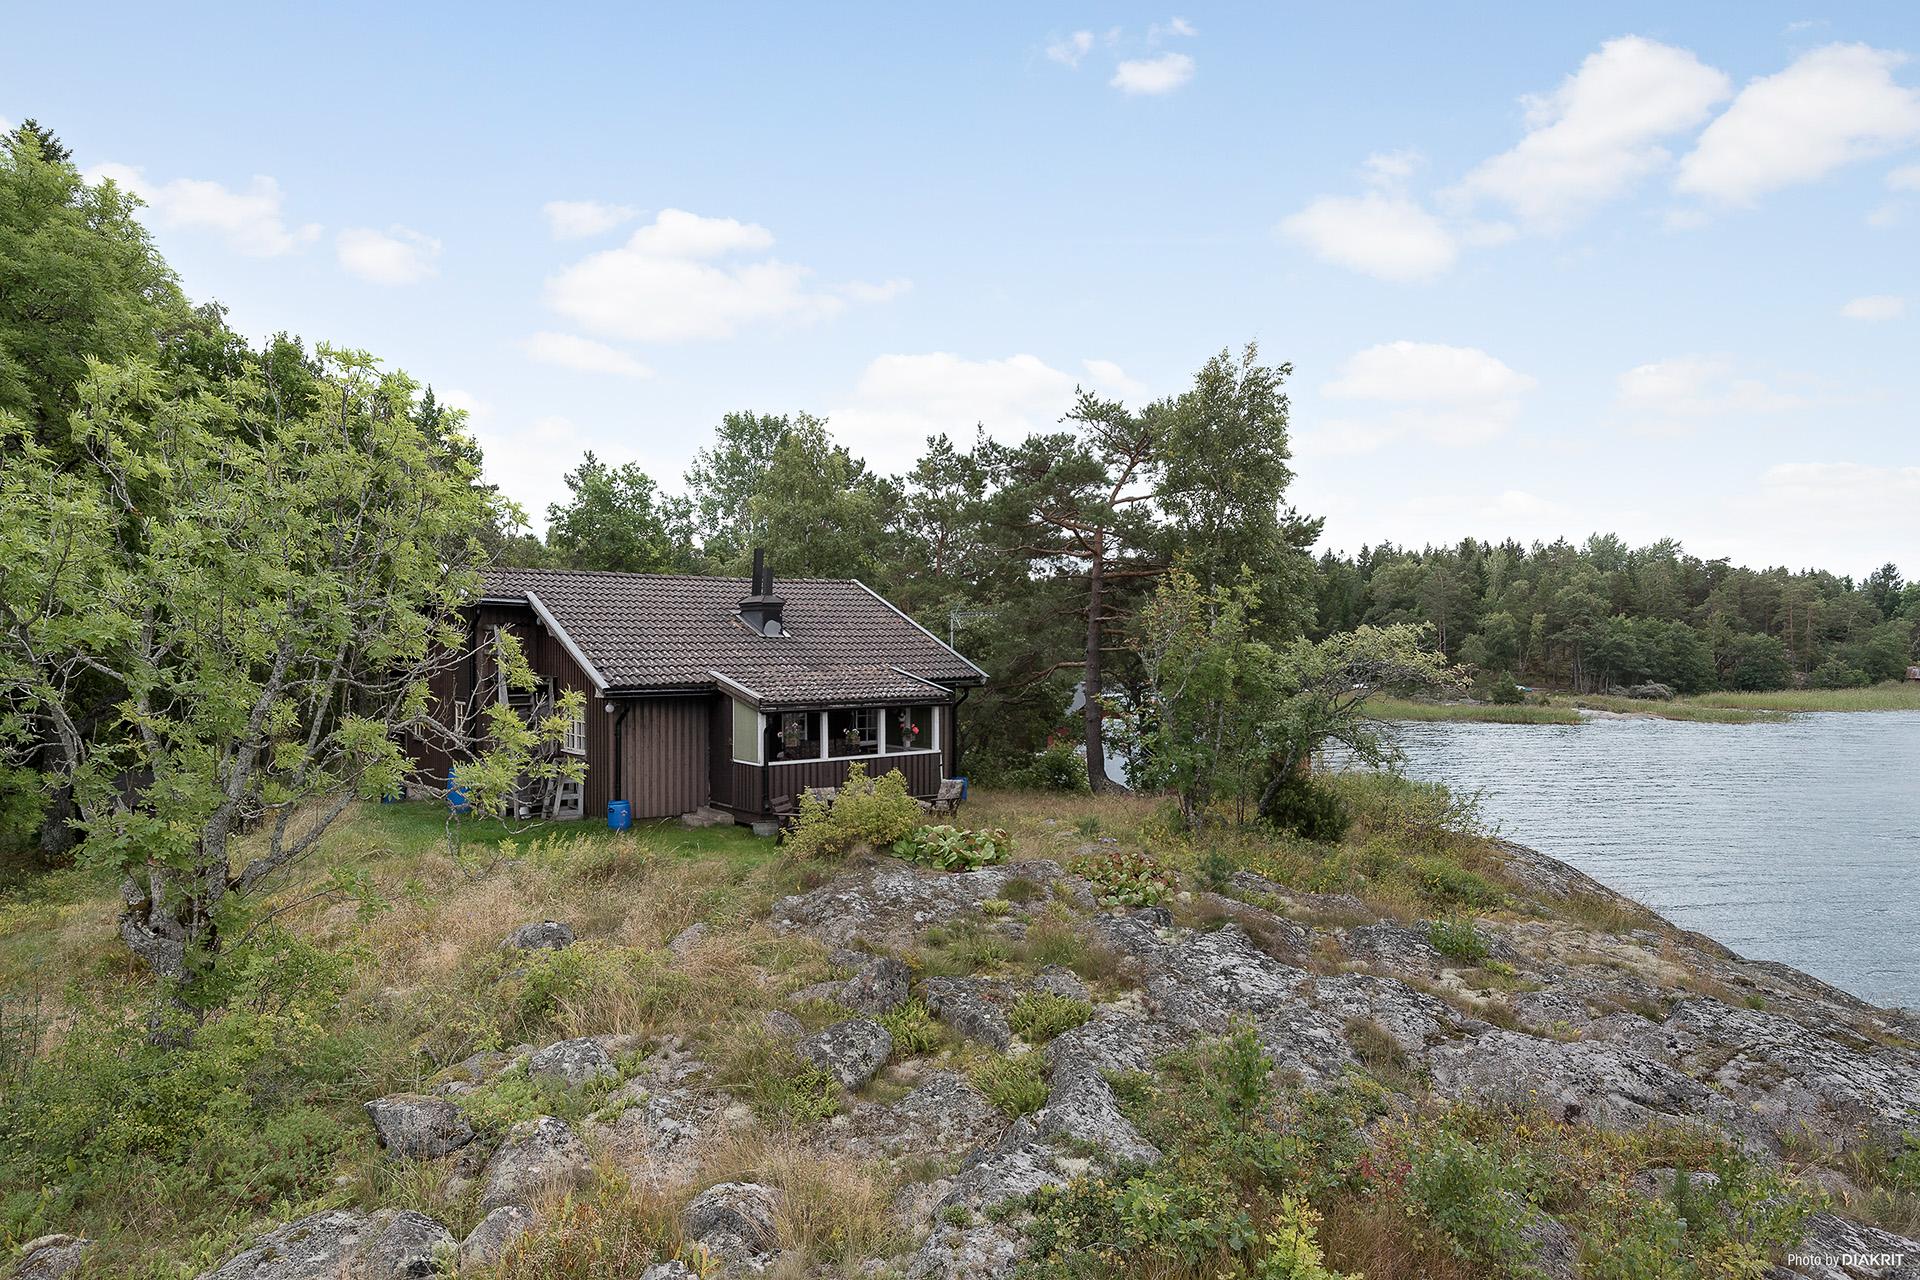 Huset på udden